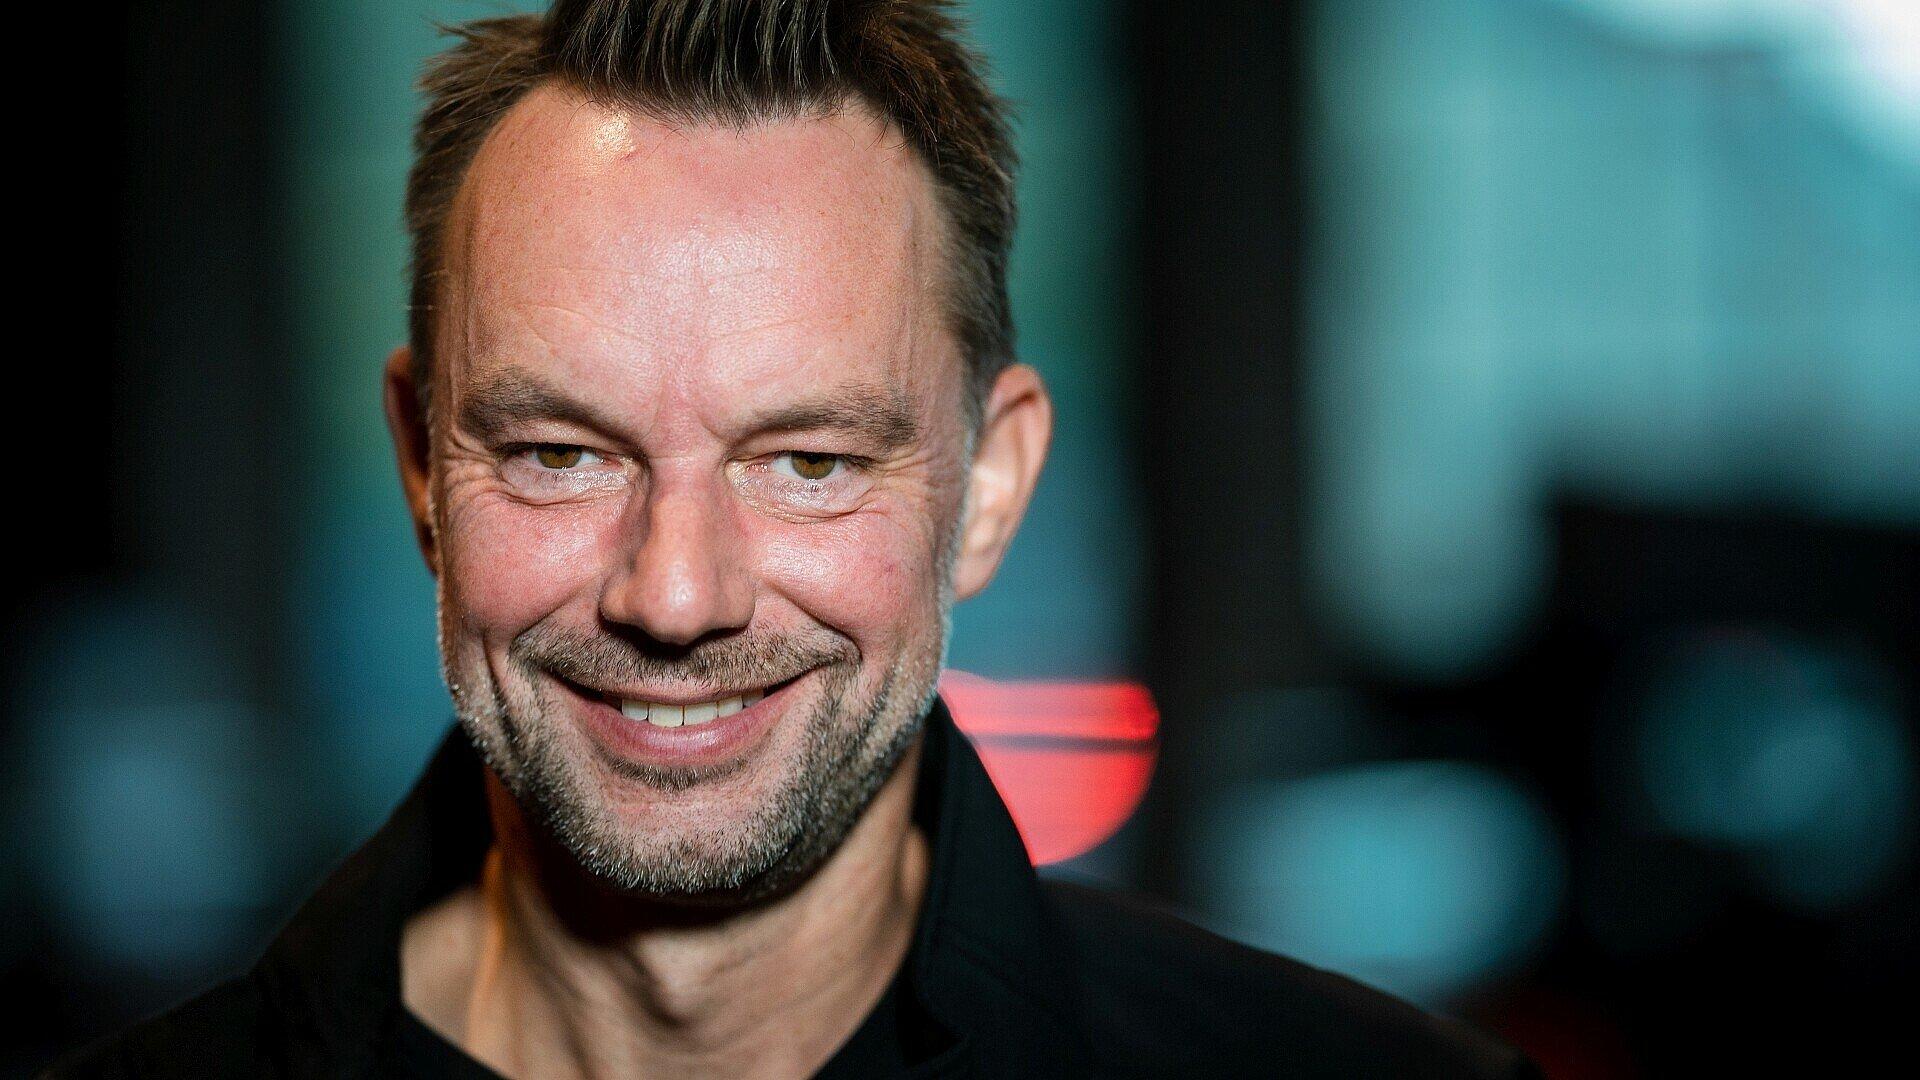 Co-Geschäftsführer Daniel Schellhoss im Grillshop Santos